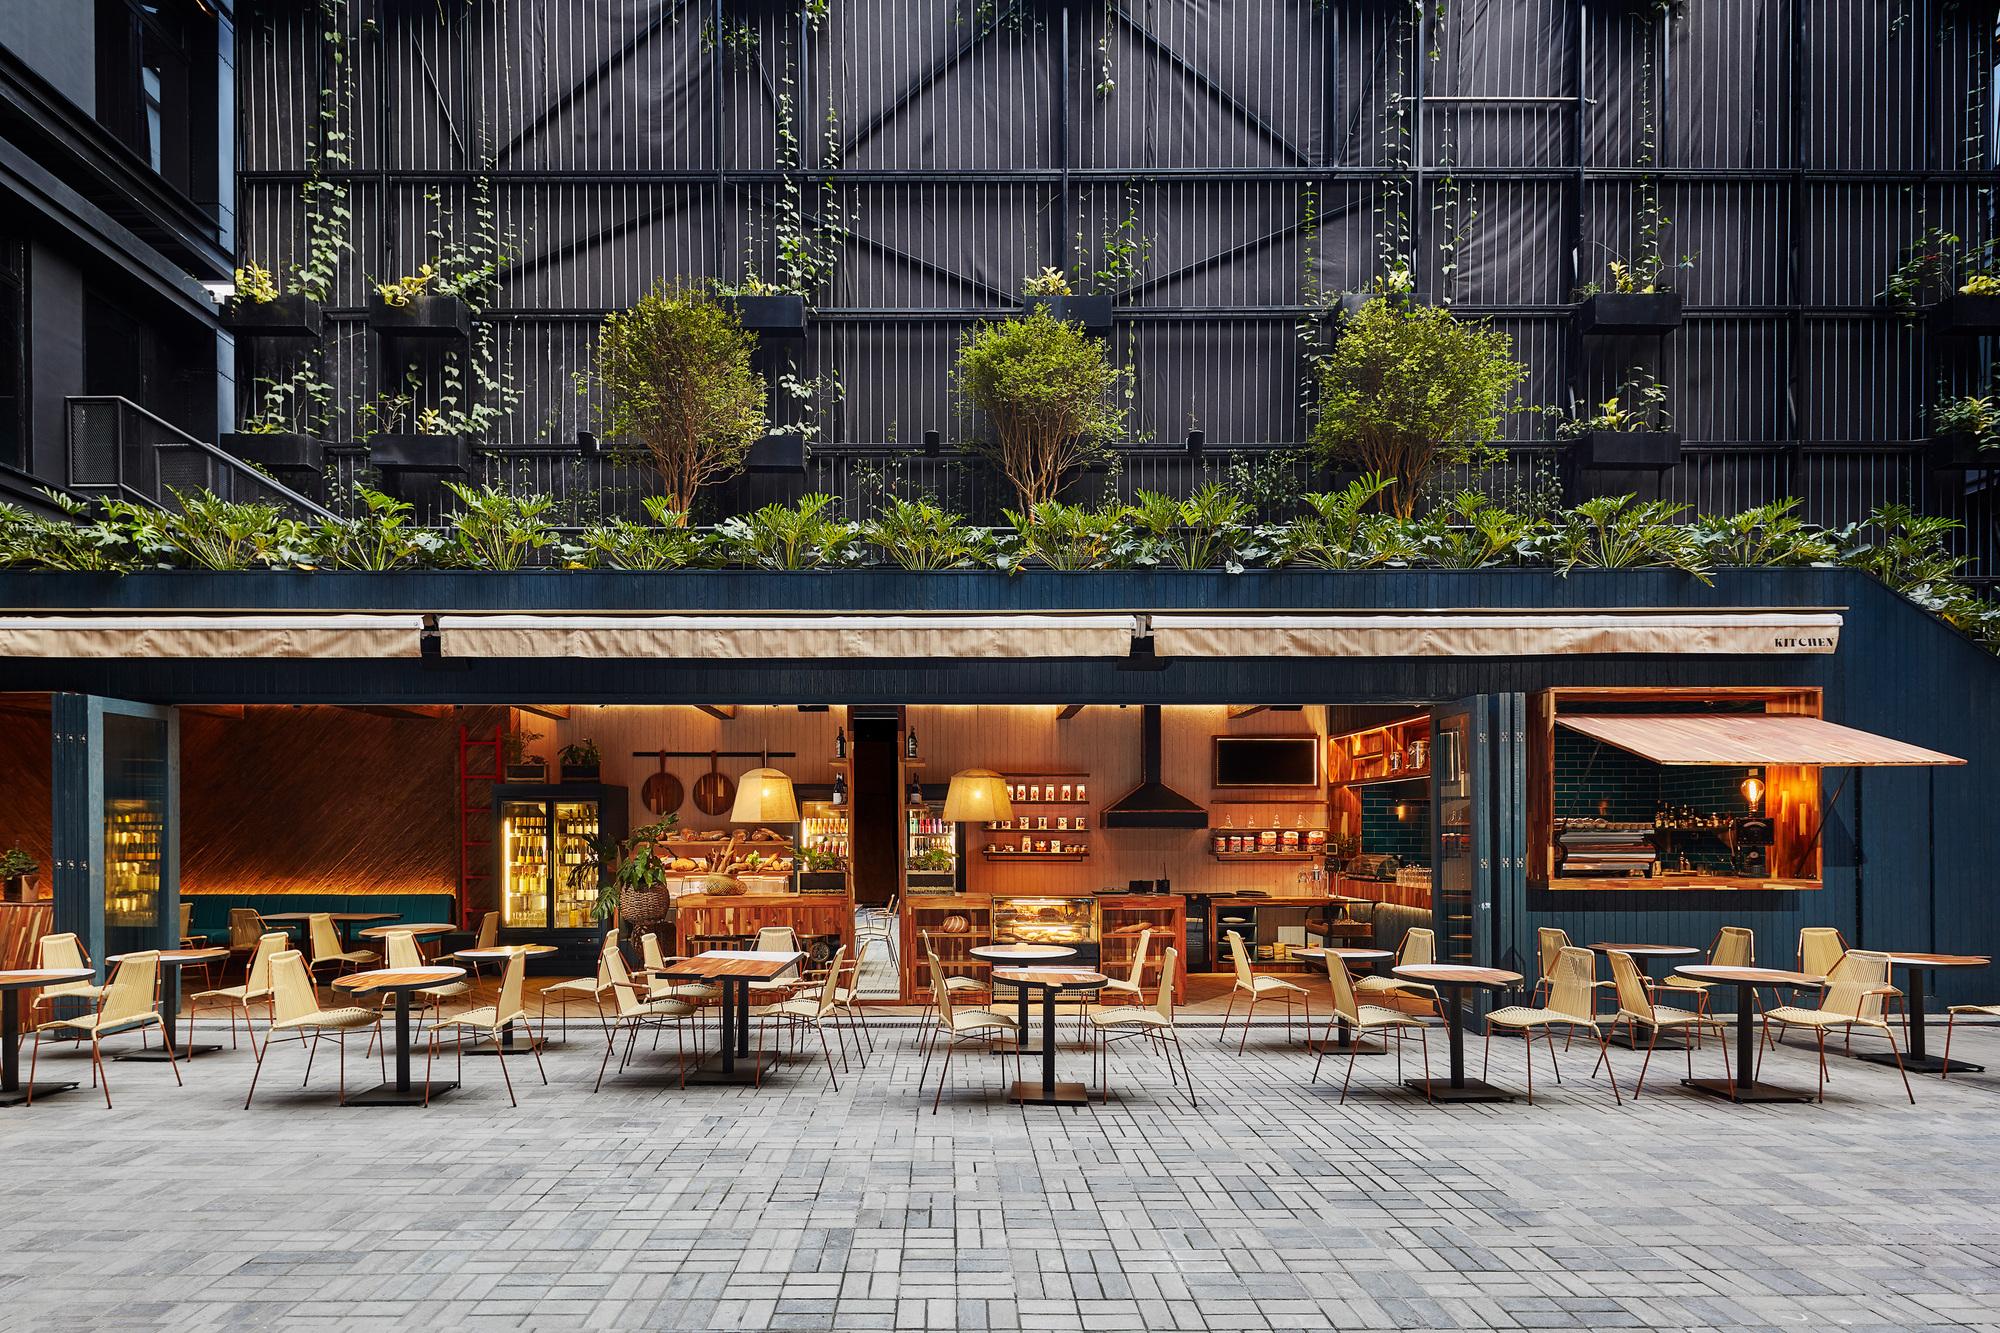 Gallery of Hotel Click Clack Medellín / Plan:b arquitectos - 2